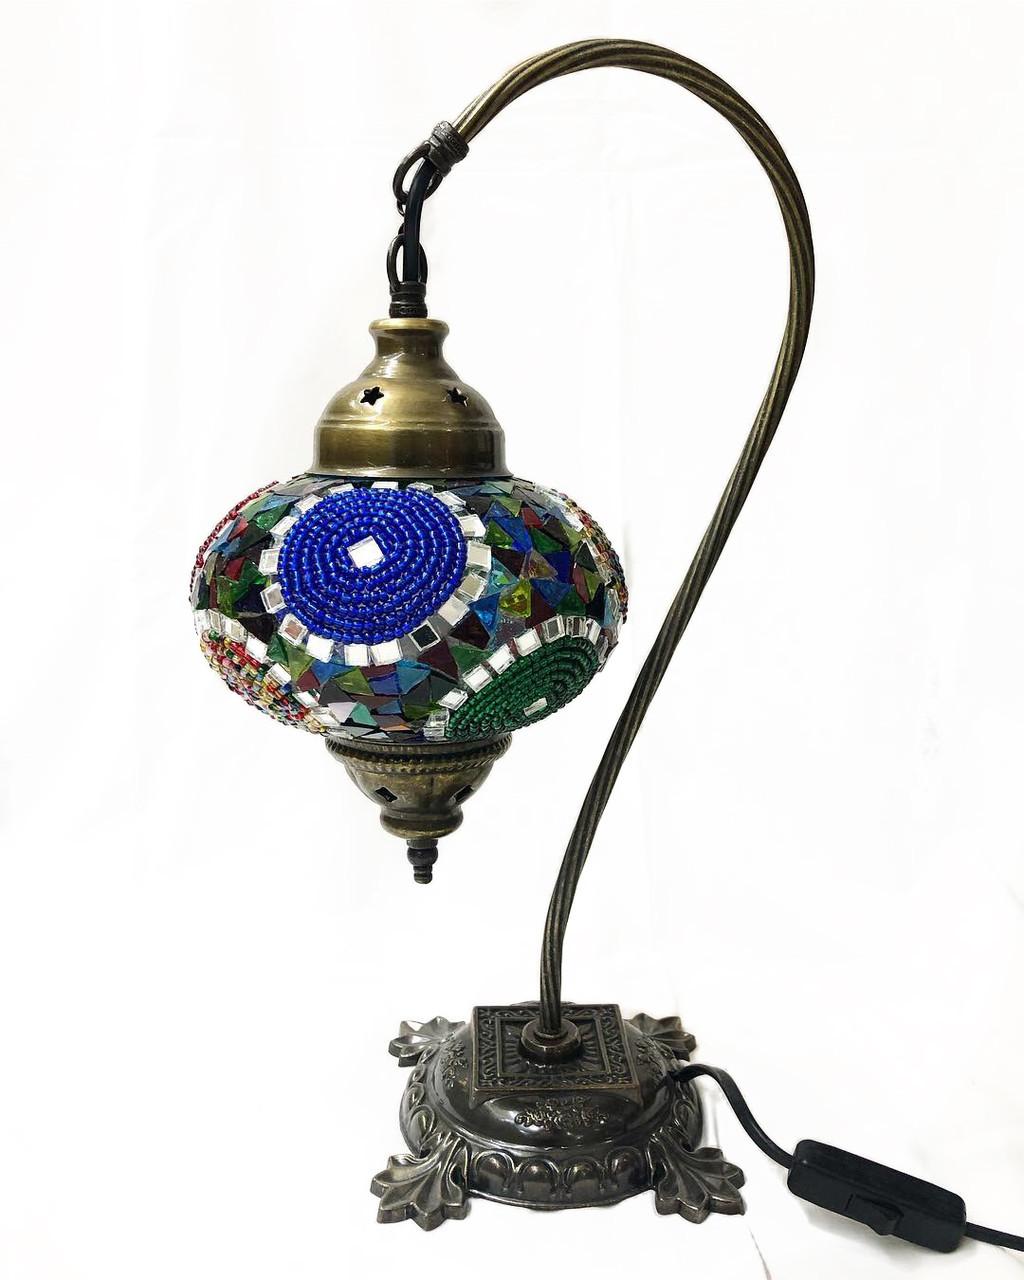 Настольный изогнутый турецкий светильник кэмэл из мозаики ручной работы цветной 3